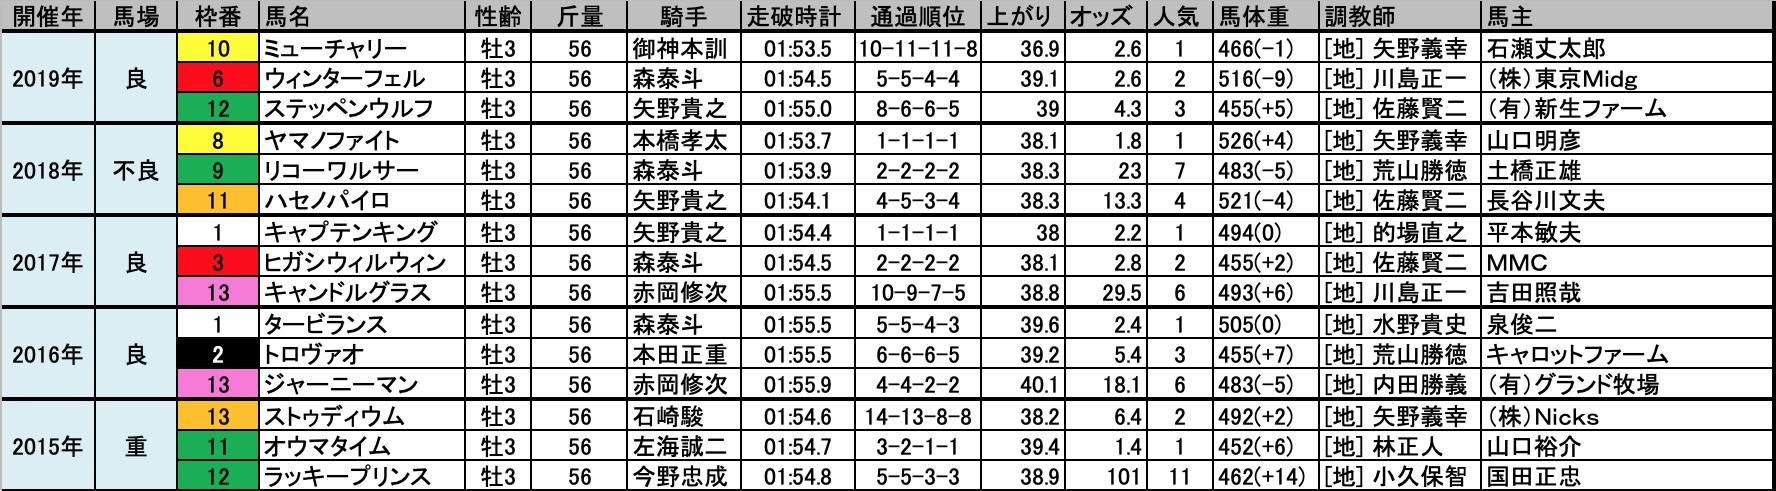 東京プリンセス賞2020予想┃過去10年データ ...